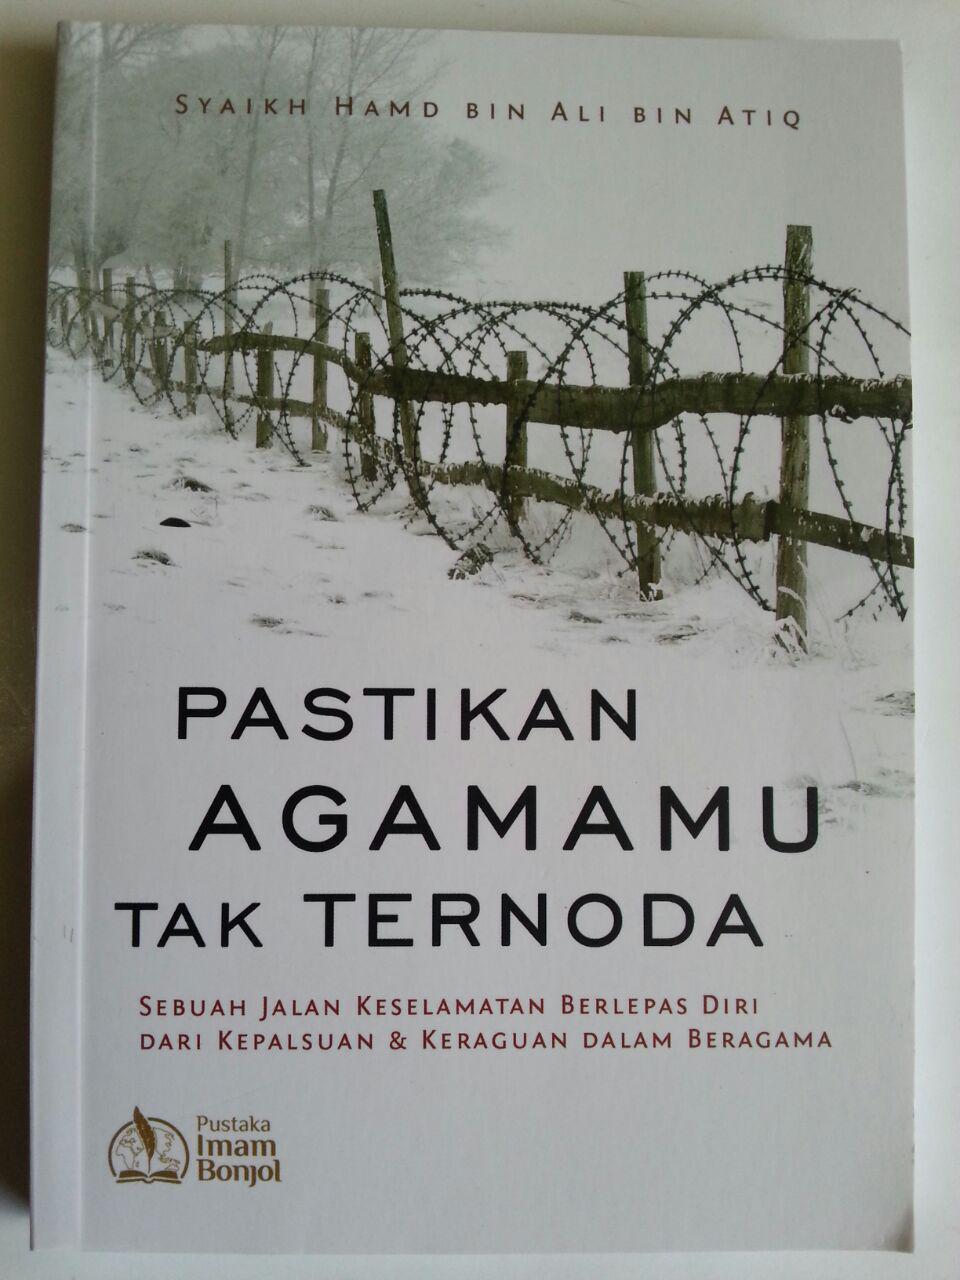 Buku Pastikan Agamamu Tak Ternoda cover 2